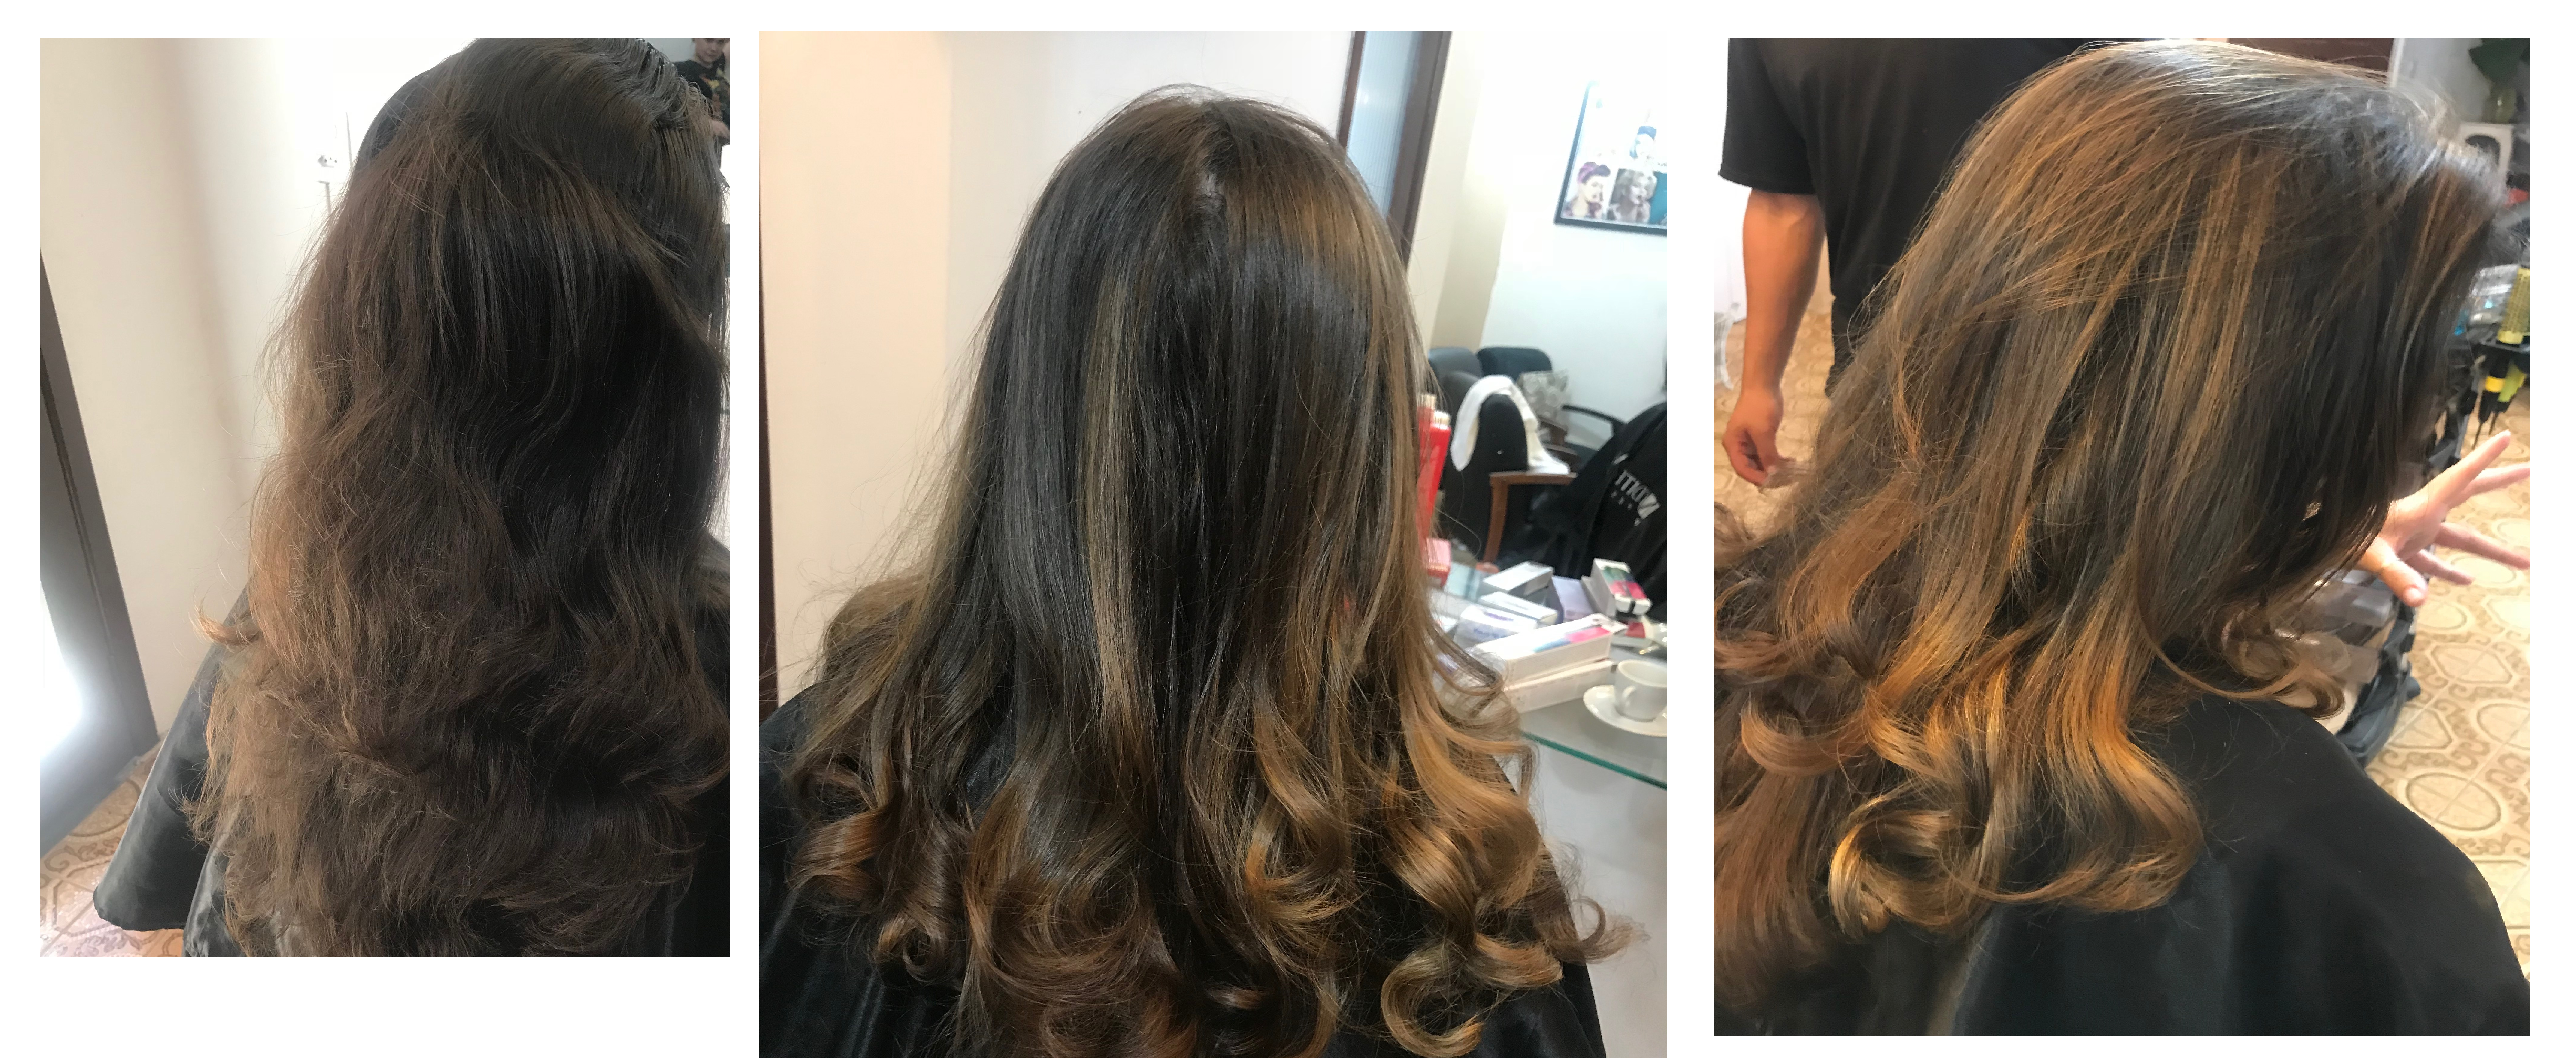 Como Fazer Mechas Ombre Hair Em Cabelos Naturais Sem Utilizar